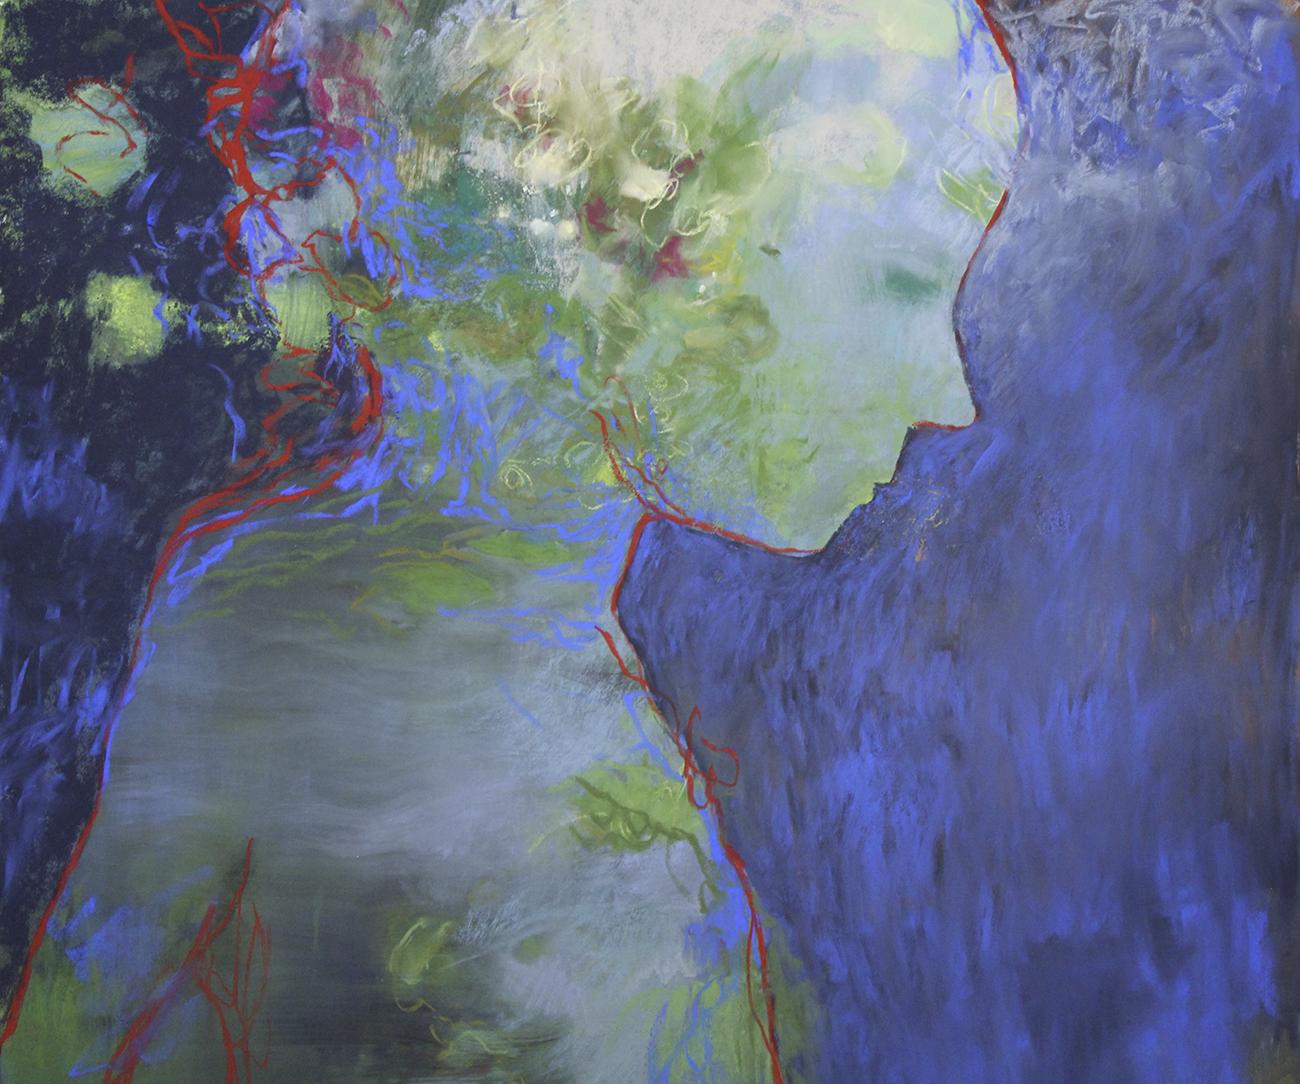 Ekspressionistisesti maalattu vihreä pikkulapsi profiilissa, punaiset ääriviivat, sininen tausta.